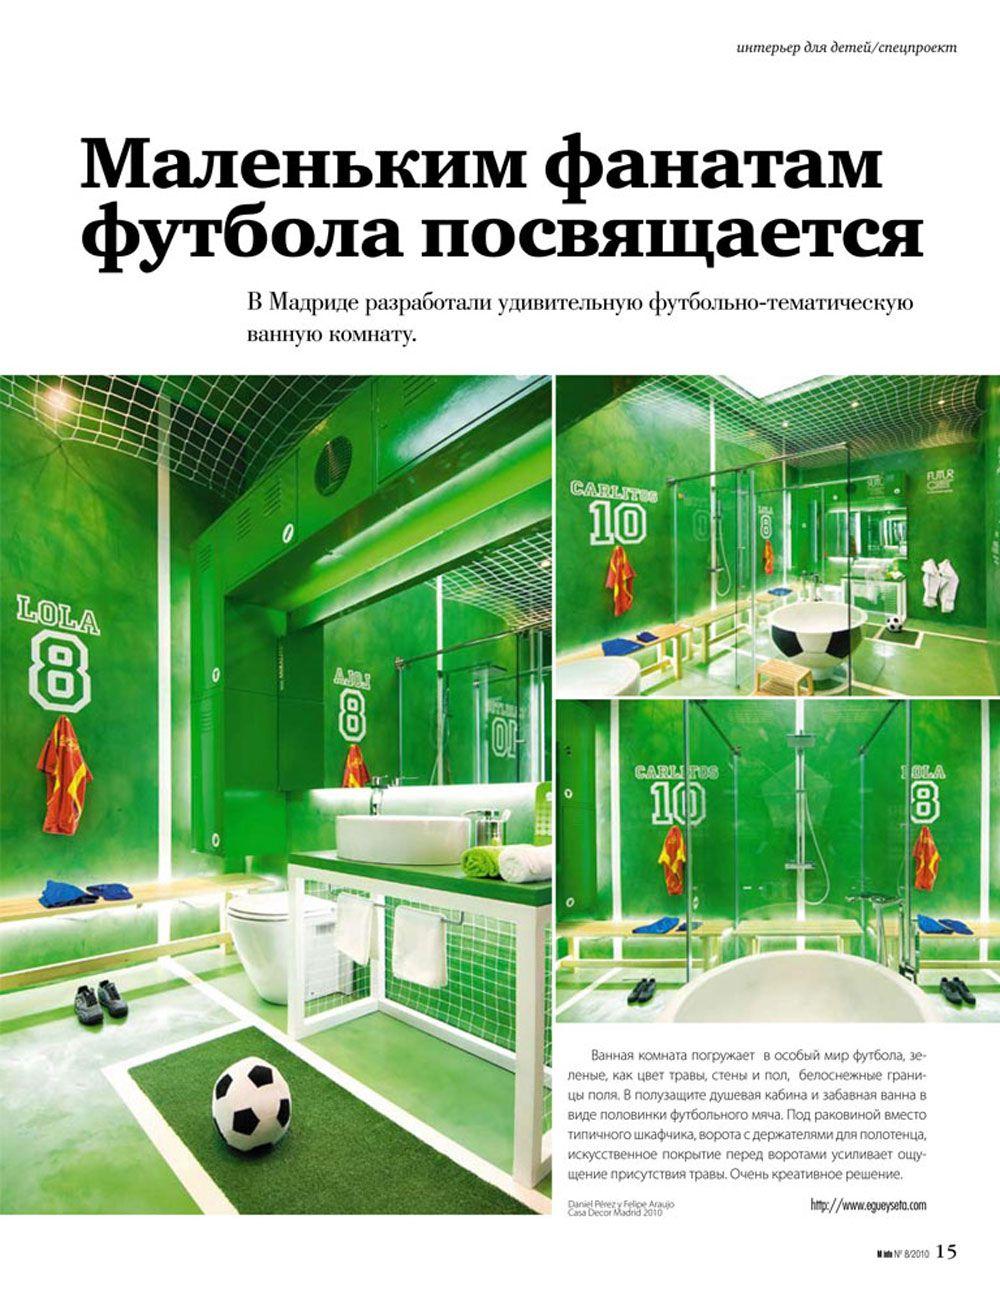 revist-minfo05-2